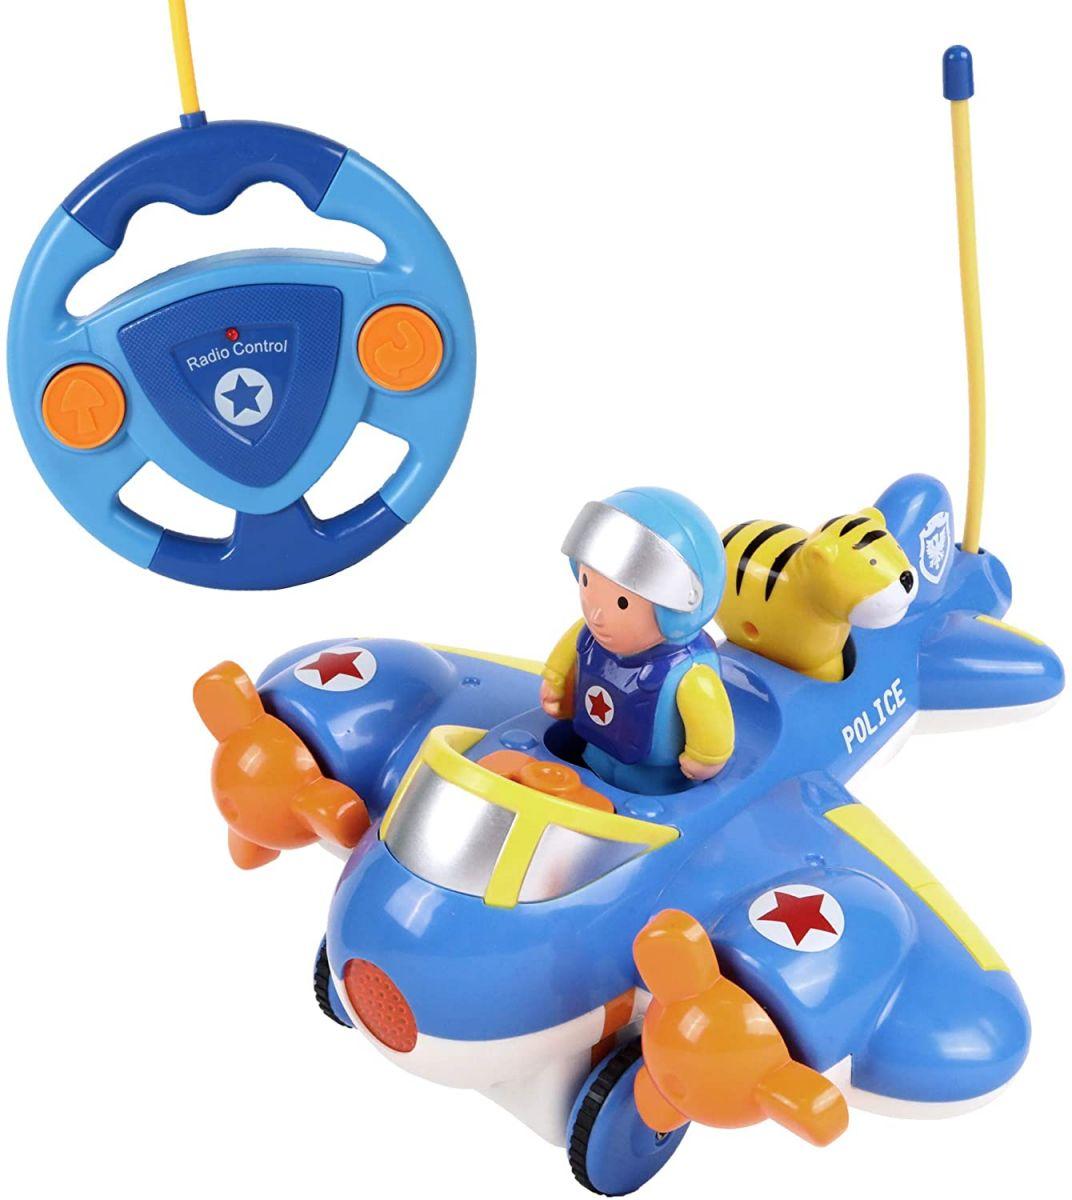 Samolot jeżdżący zdalnie sterowany z figurką pilota i tygrysa dla dzieci.